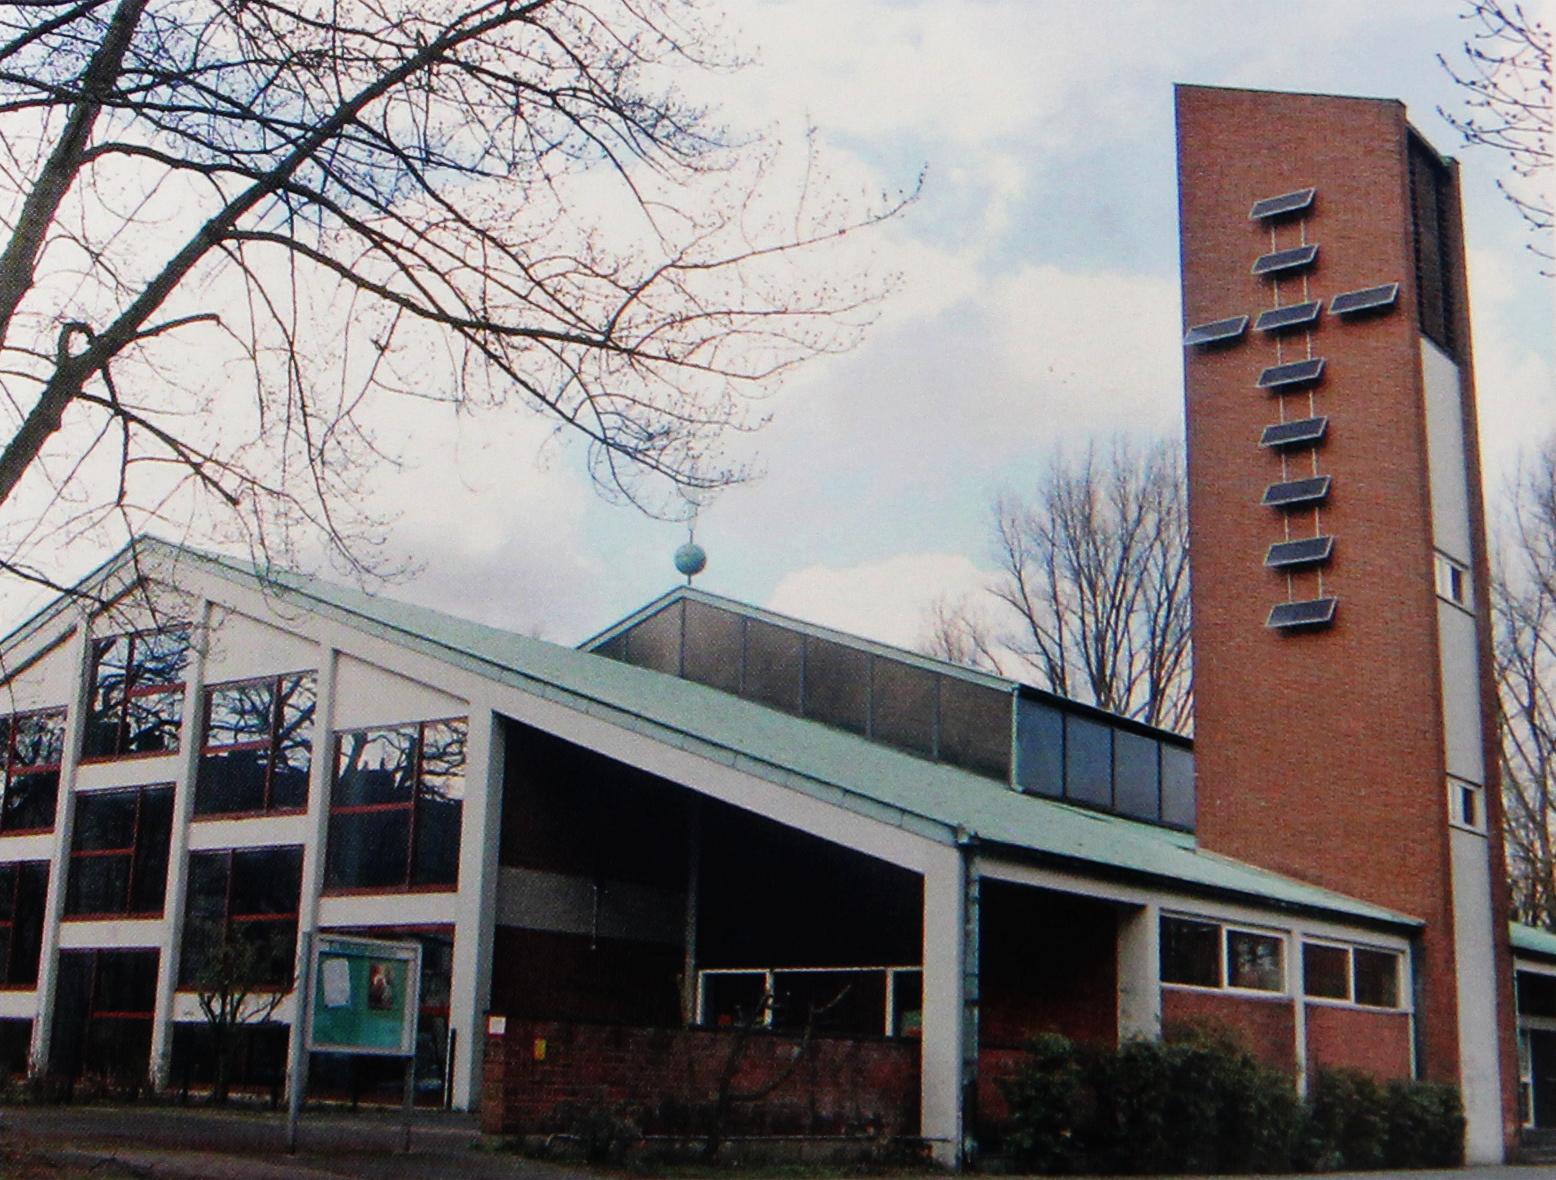 Gemeindezentrum der Ev. Reformationskirche, Berliner Platz